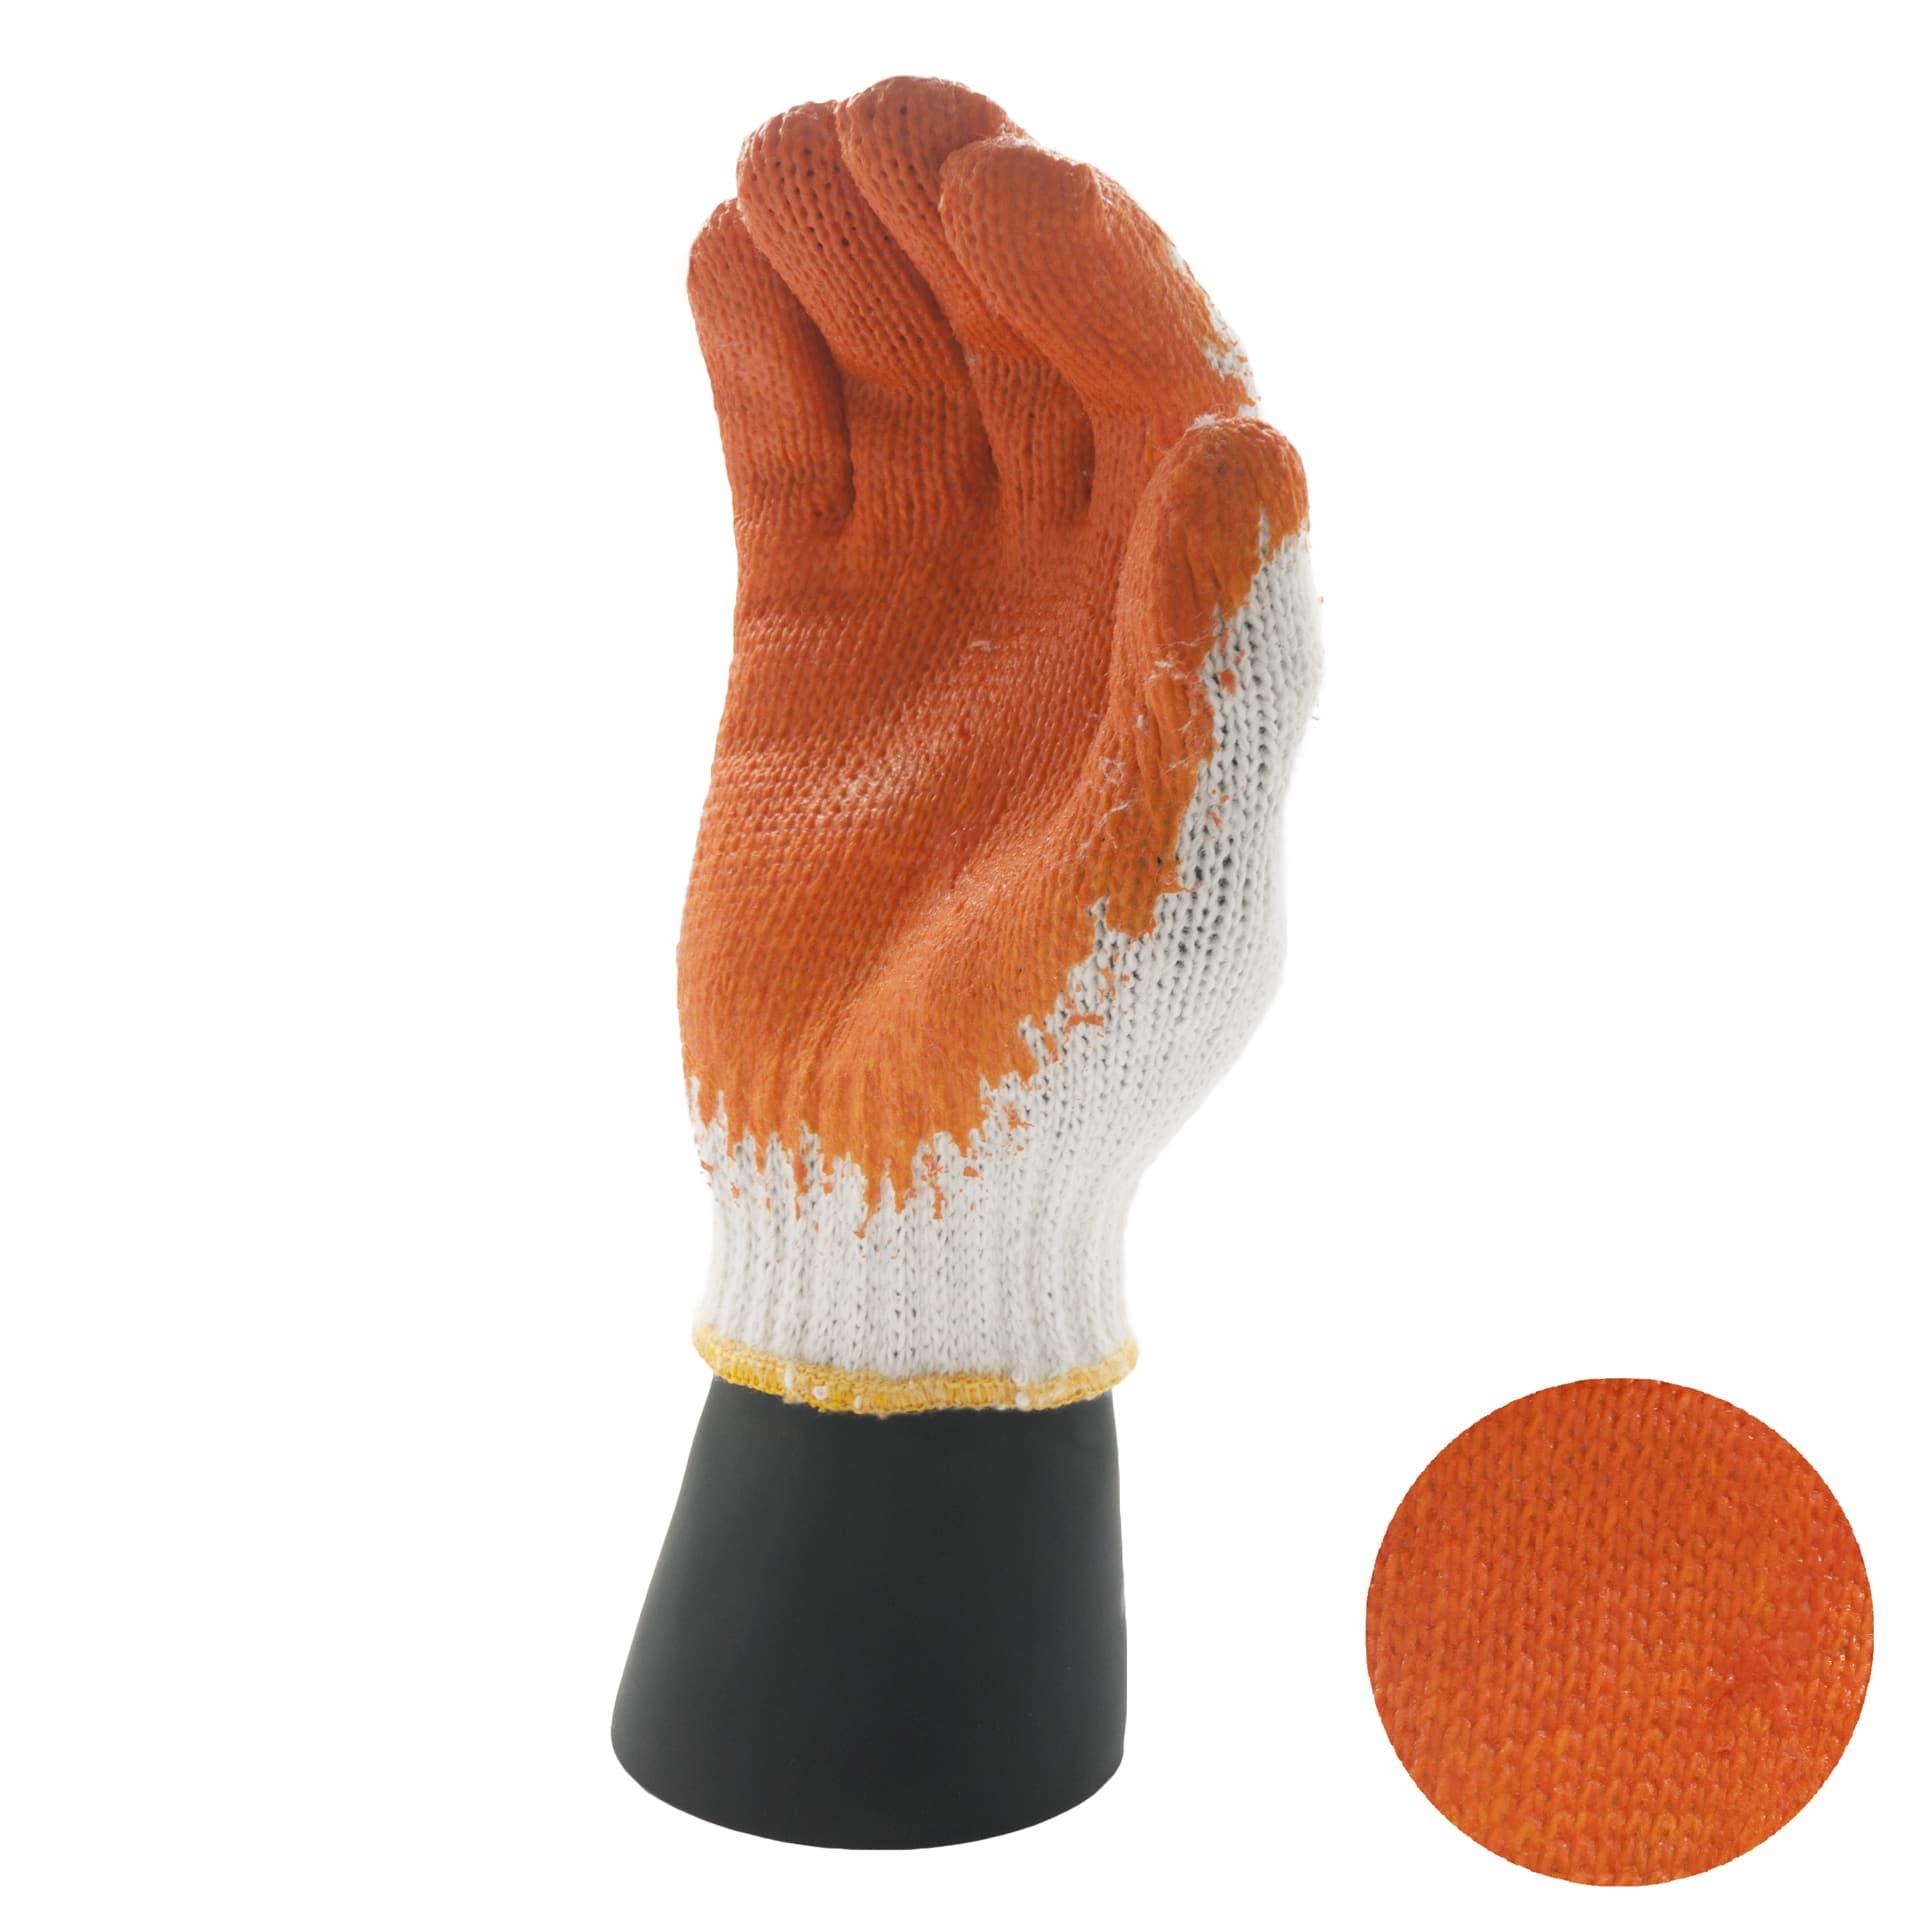 ถุงมือผ้าฝ้าย เคลือบยางส้ม